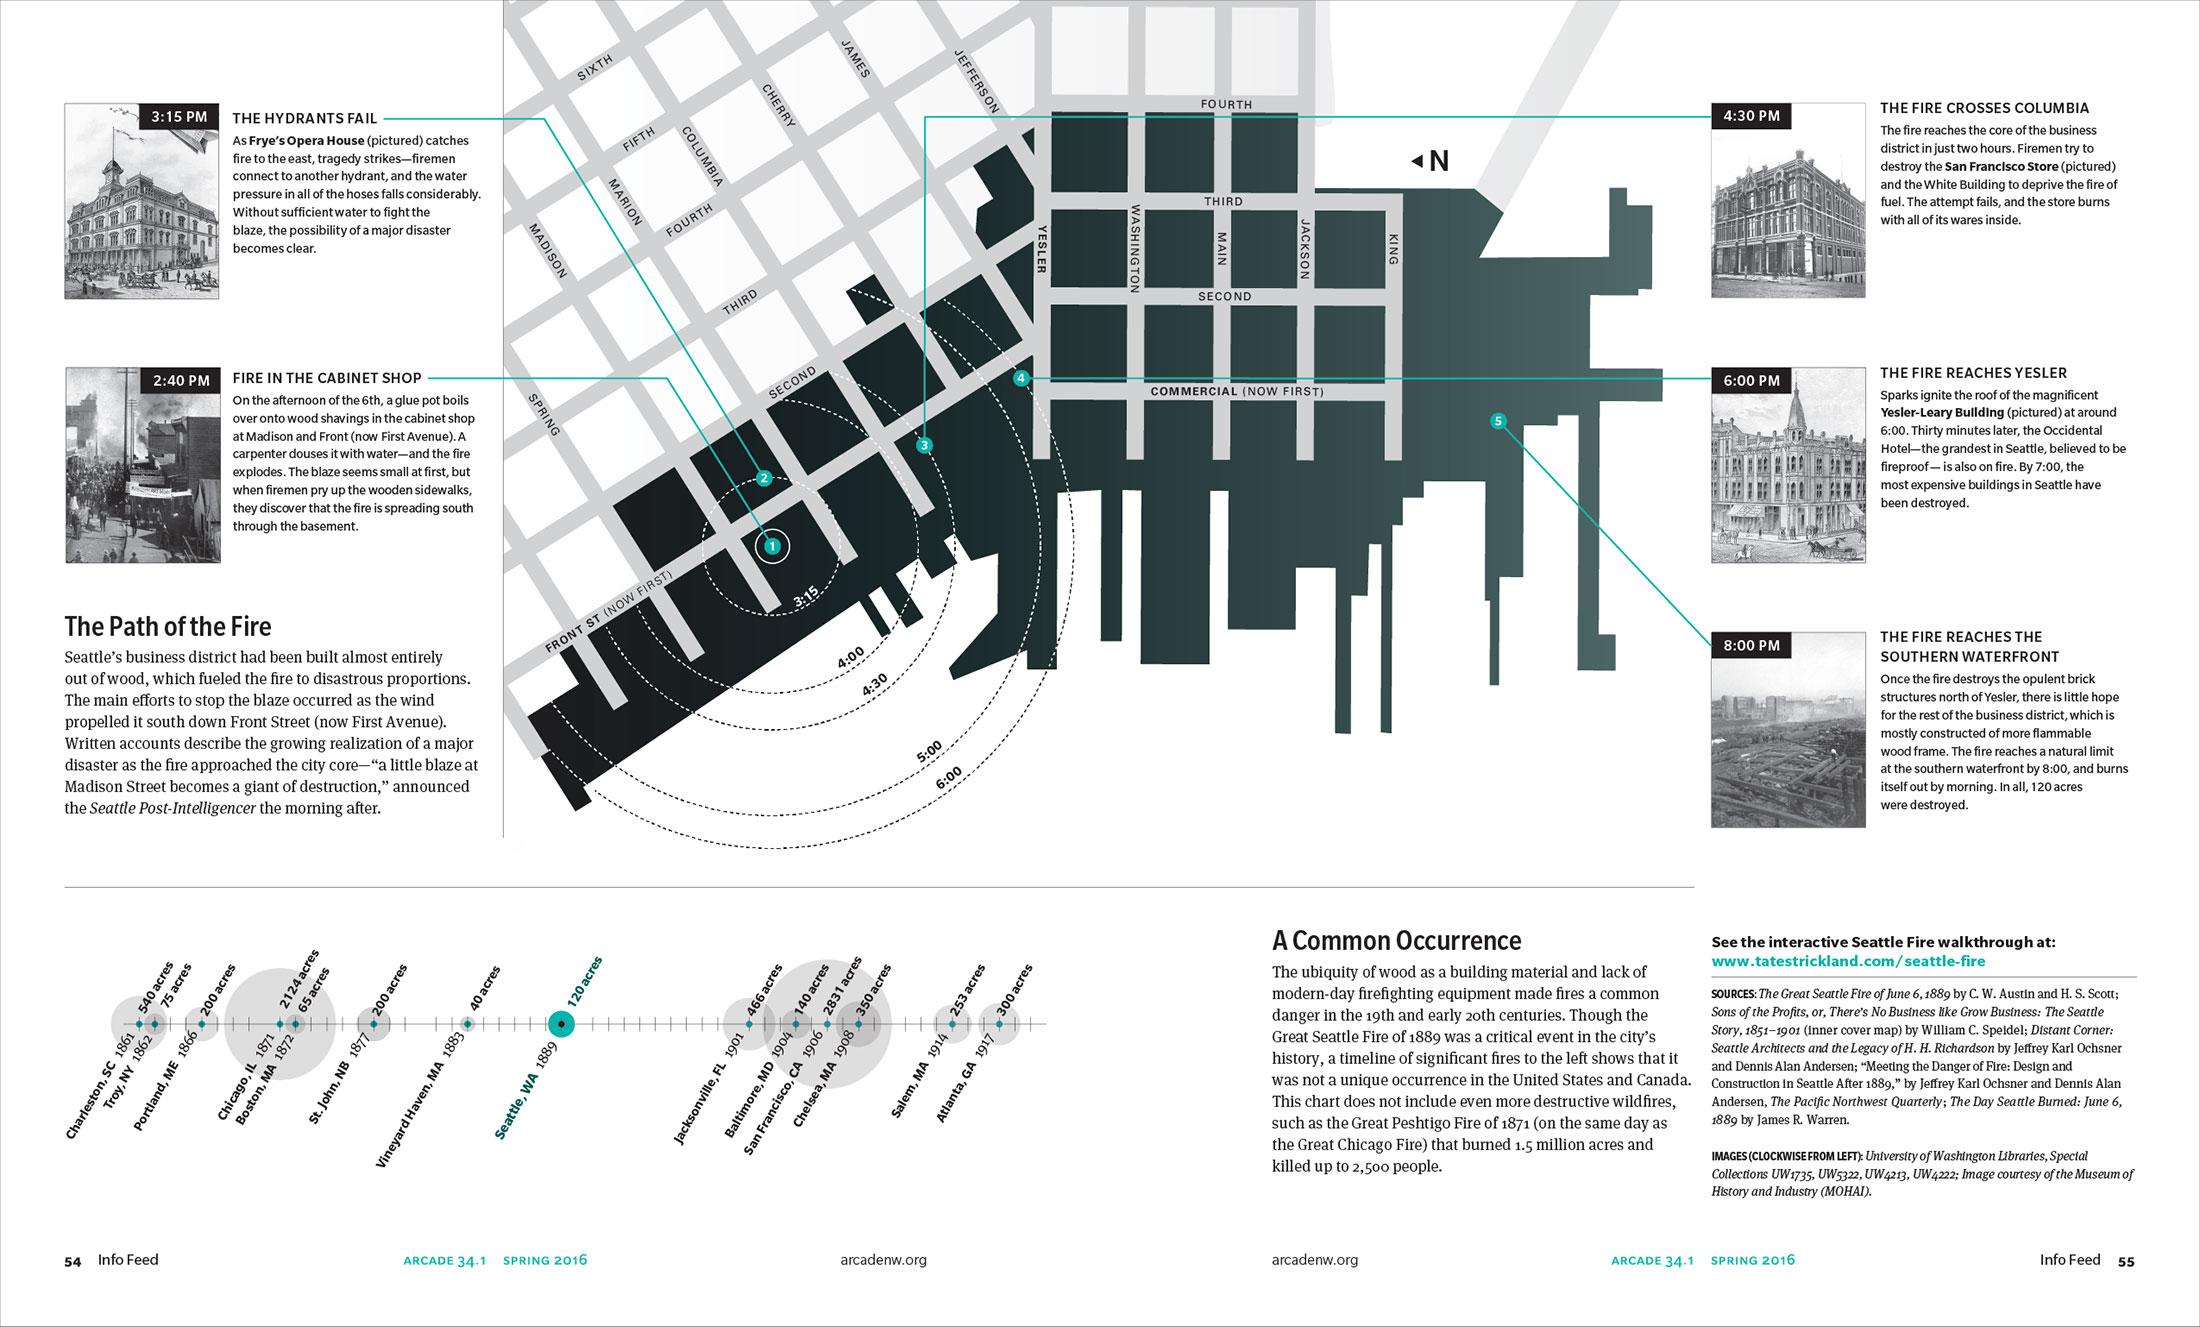 Map_seattle_fire_1889_1.jpg